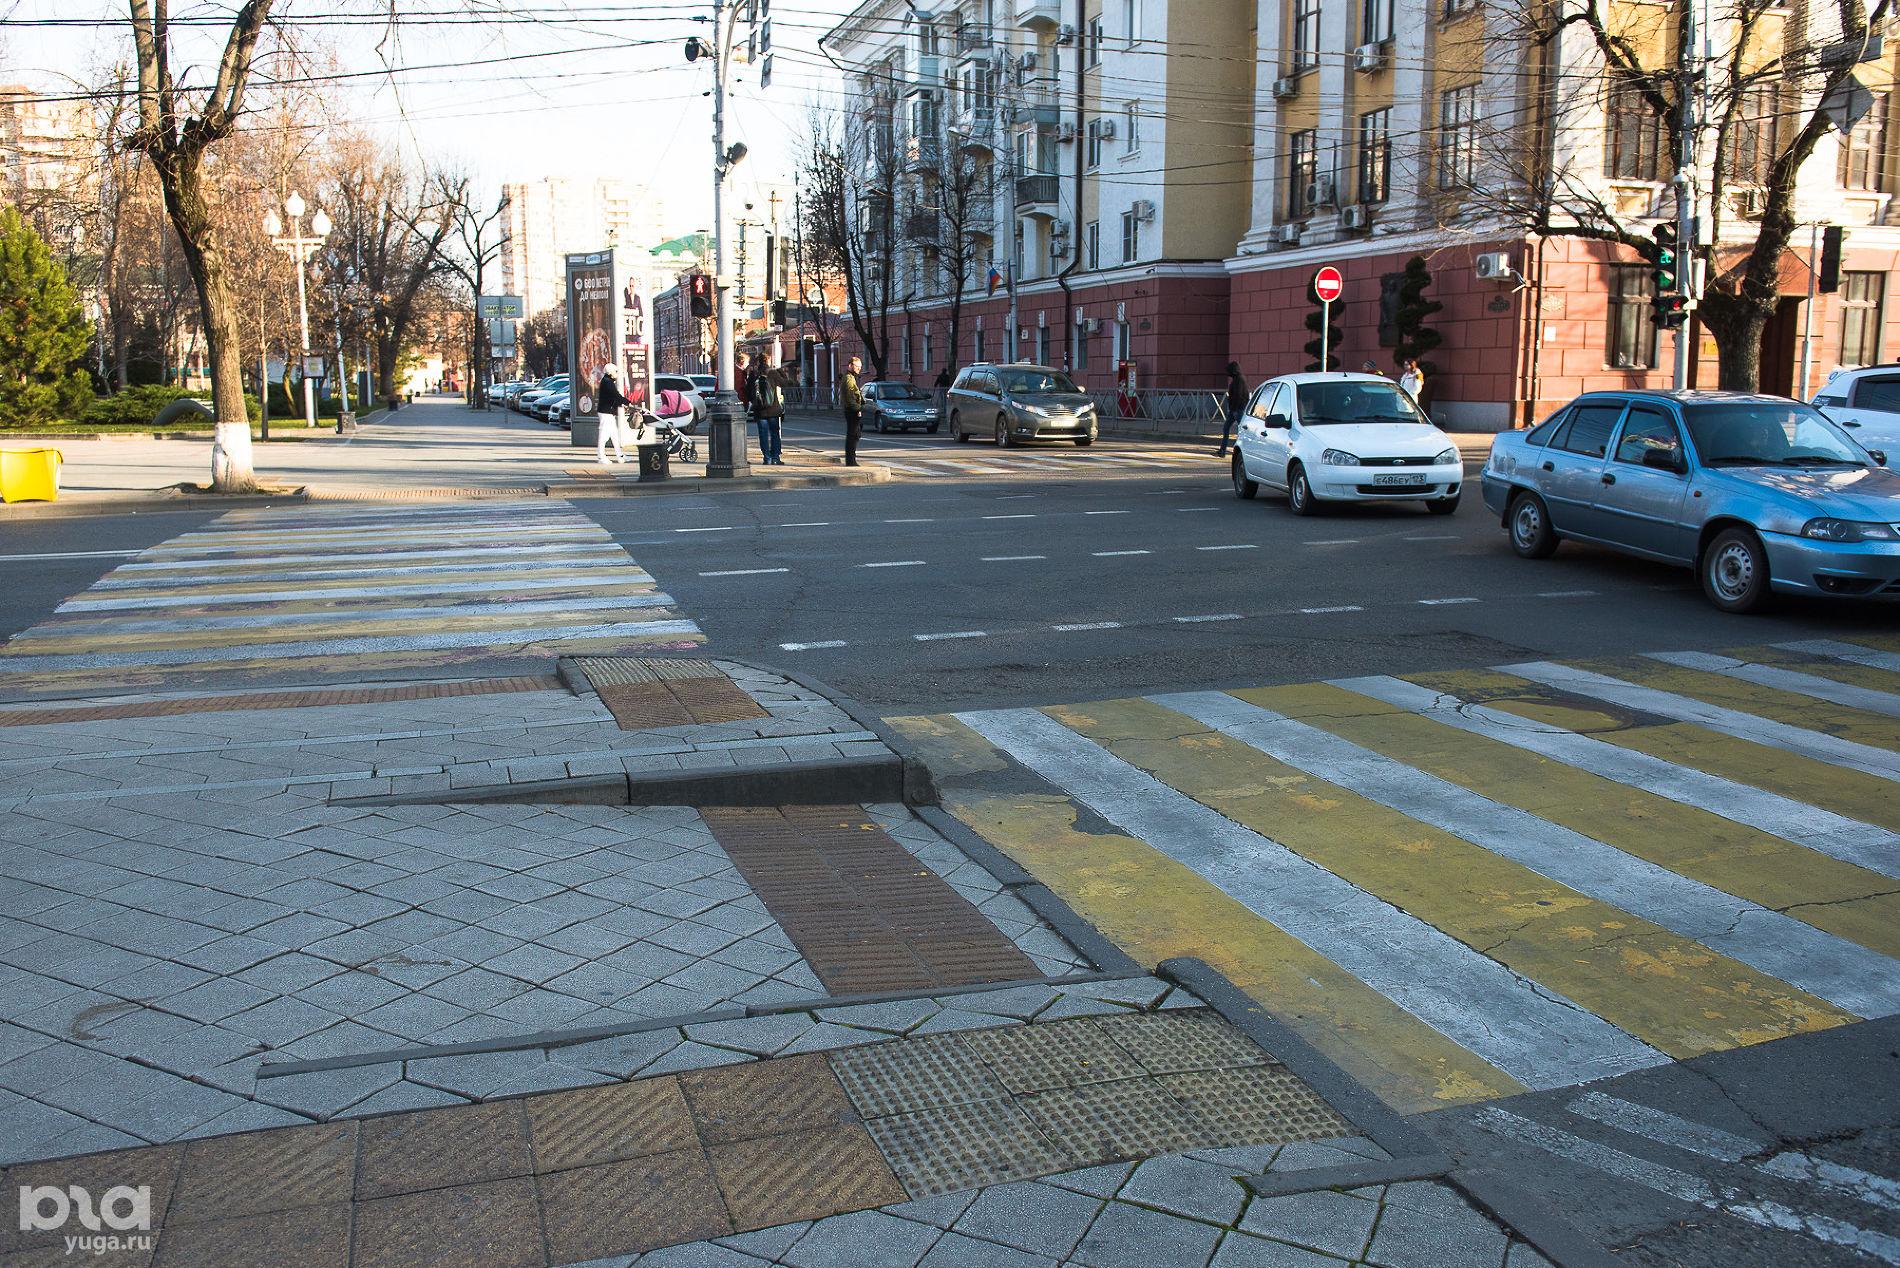 Плитка, предупреждающая об остановке перед дорогой на ул. Красной ©Фото Елены Синеок, Юга.ру